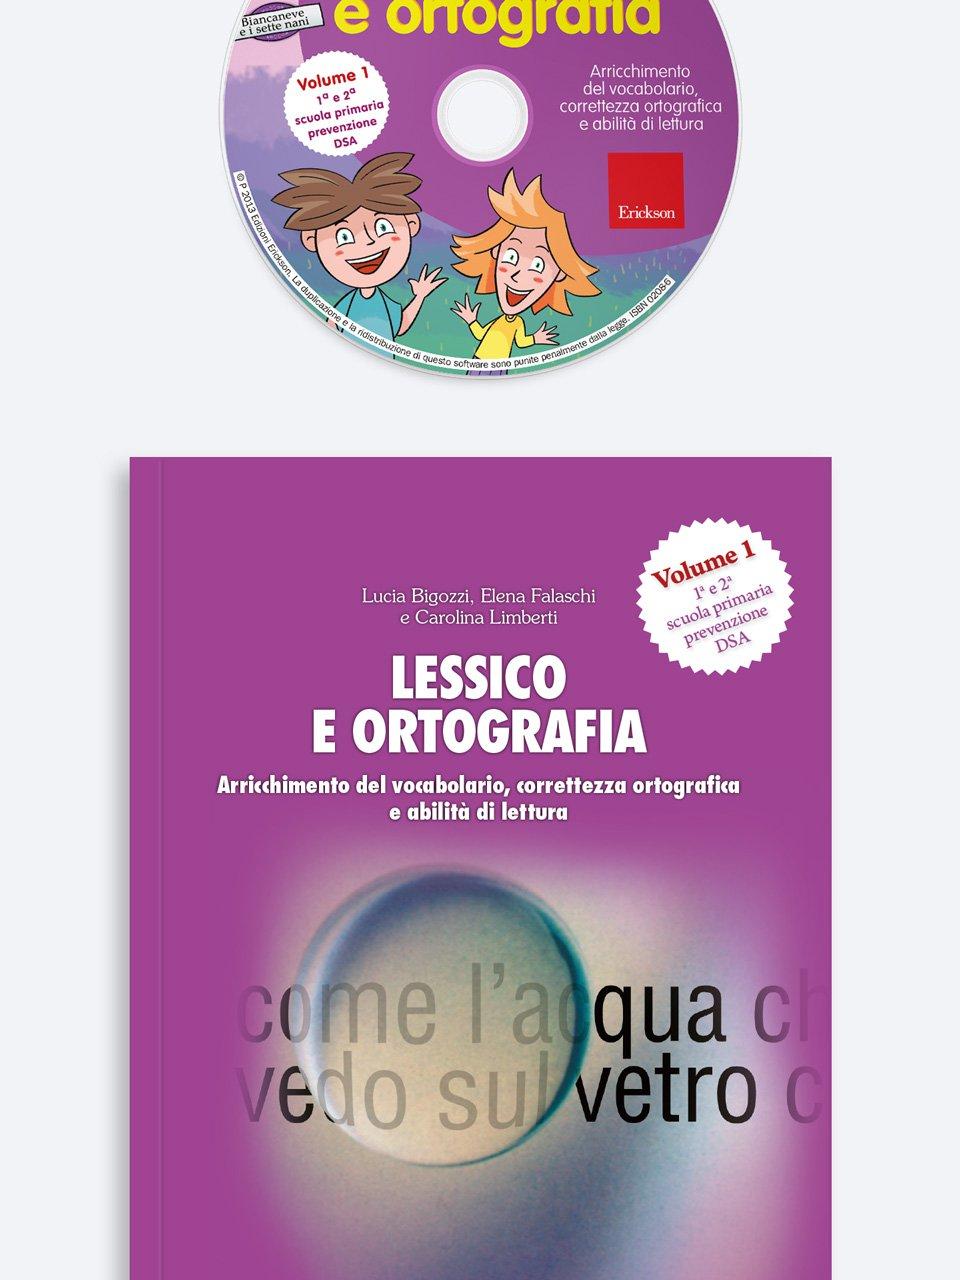 Lessico e ortografia - Volume 1 - Sillabe in gioco - Giochi - Erickson 3